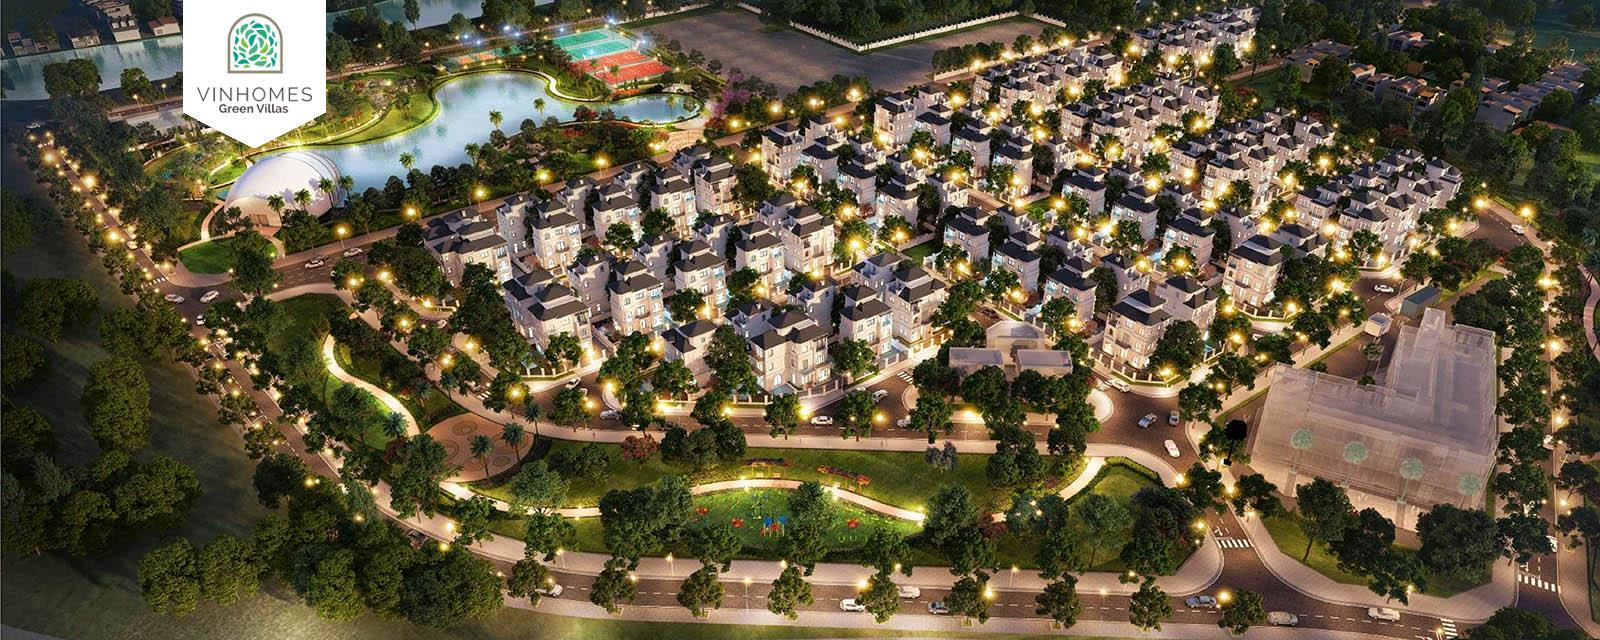 vinhomes-green-villas-slide